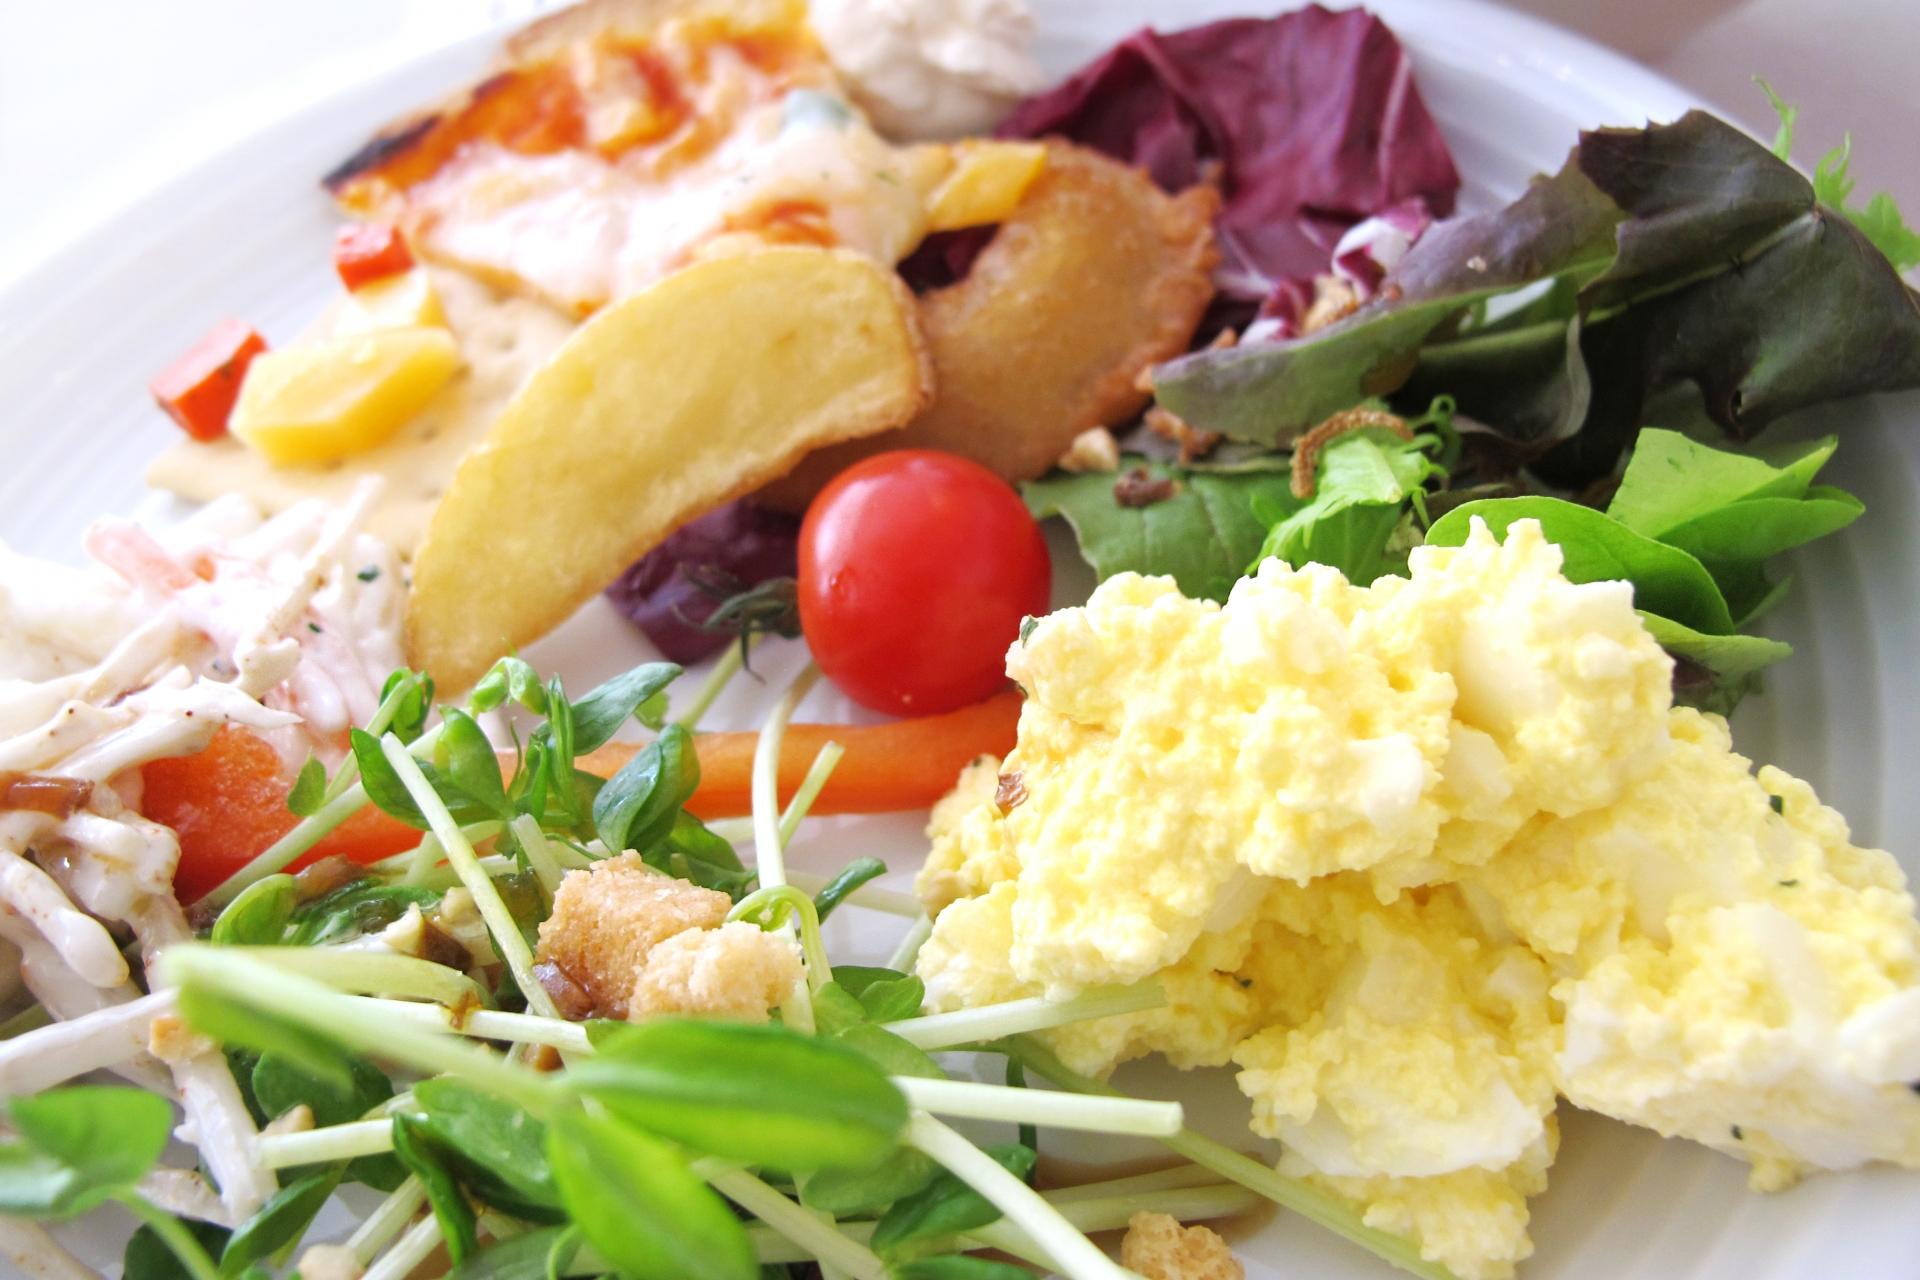 中島公園周辺でランチが美味しい店21選!人気&おすすめ店を厳選して紹介!